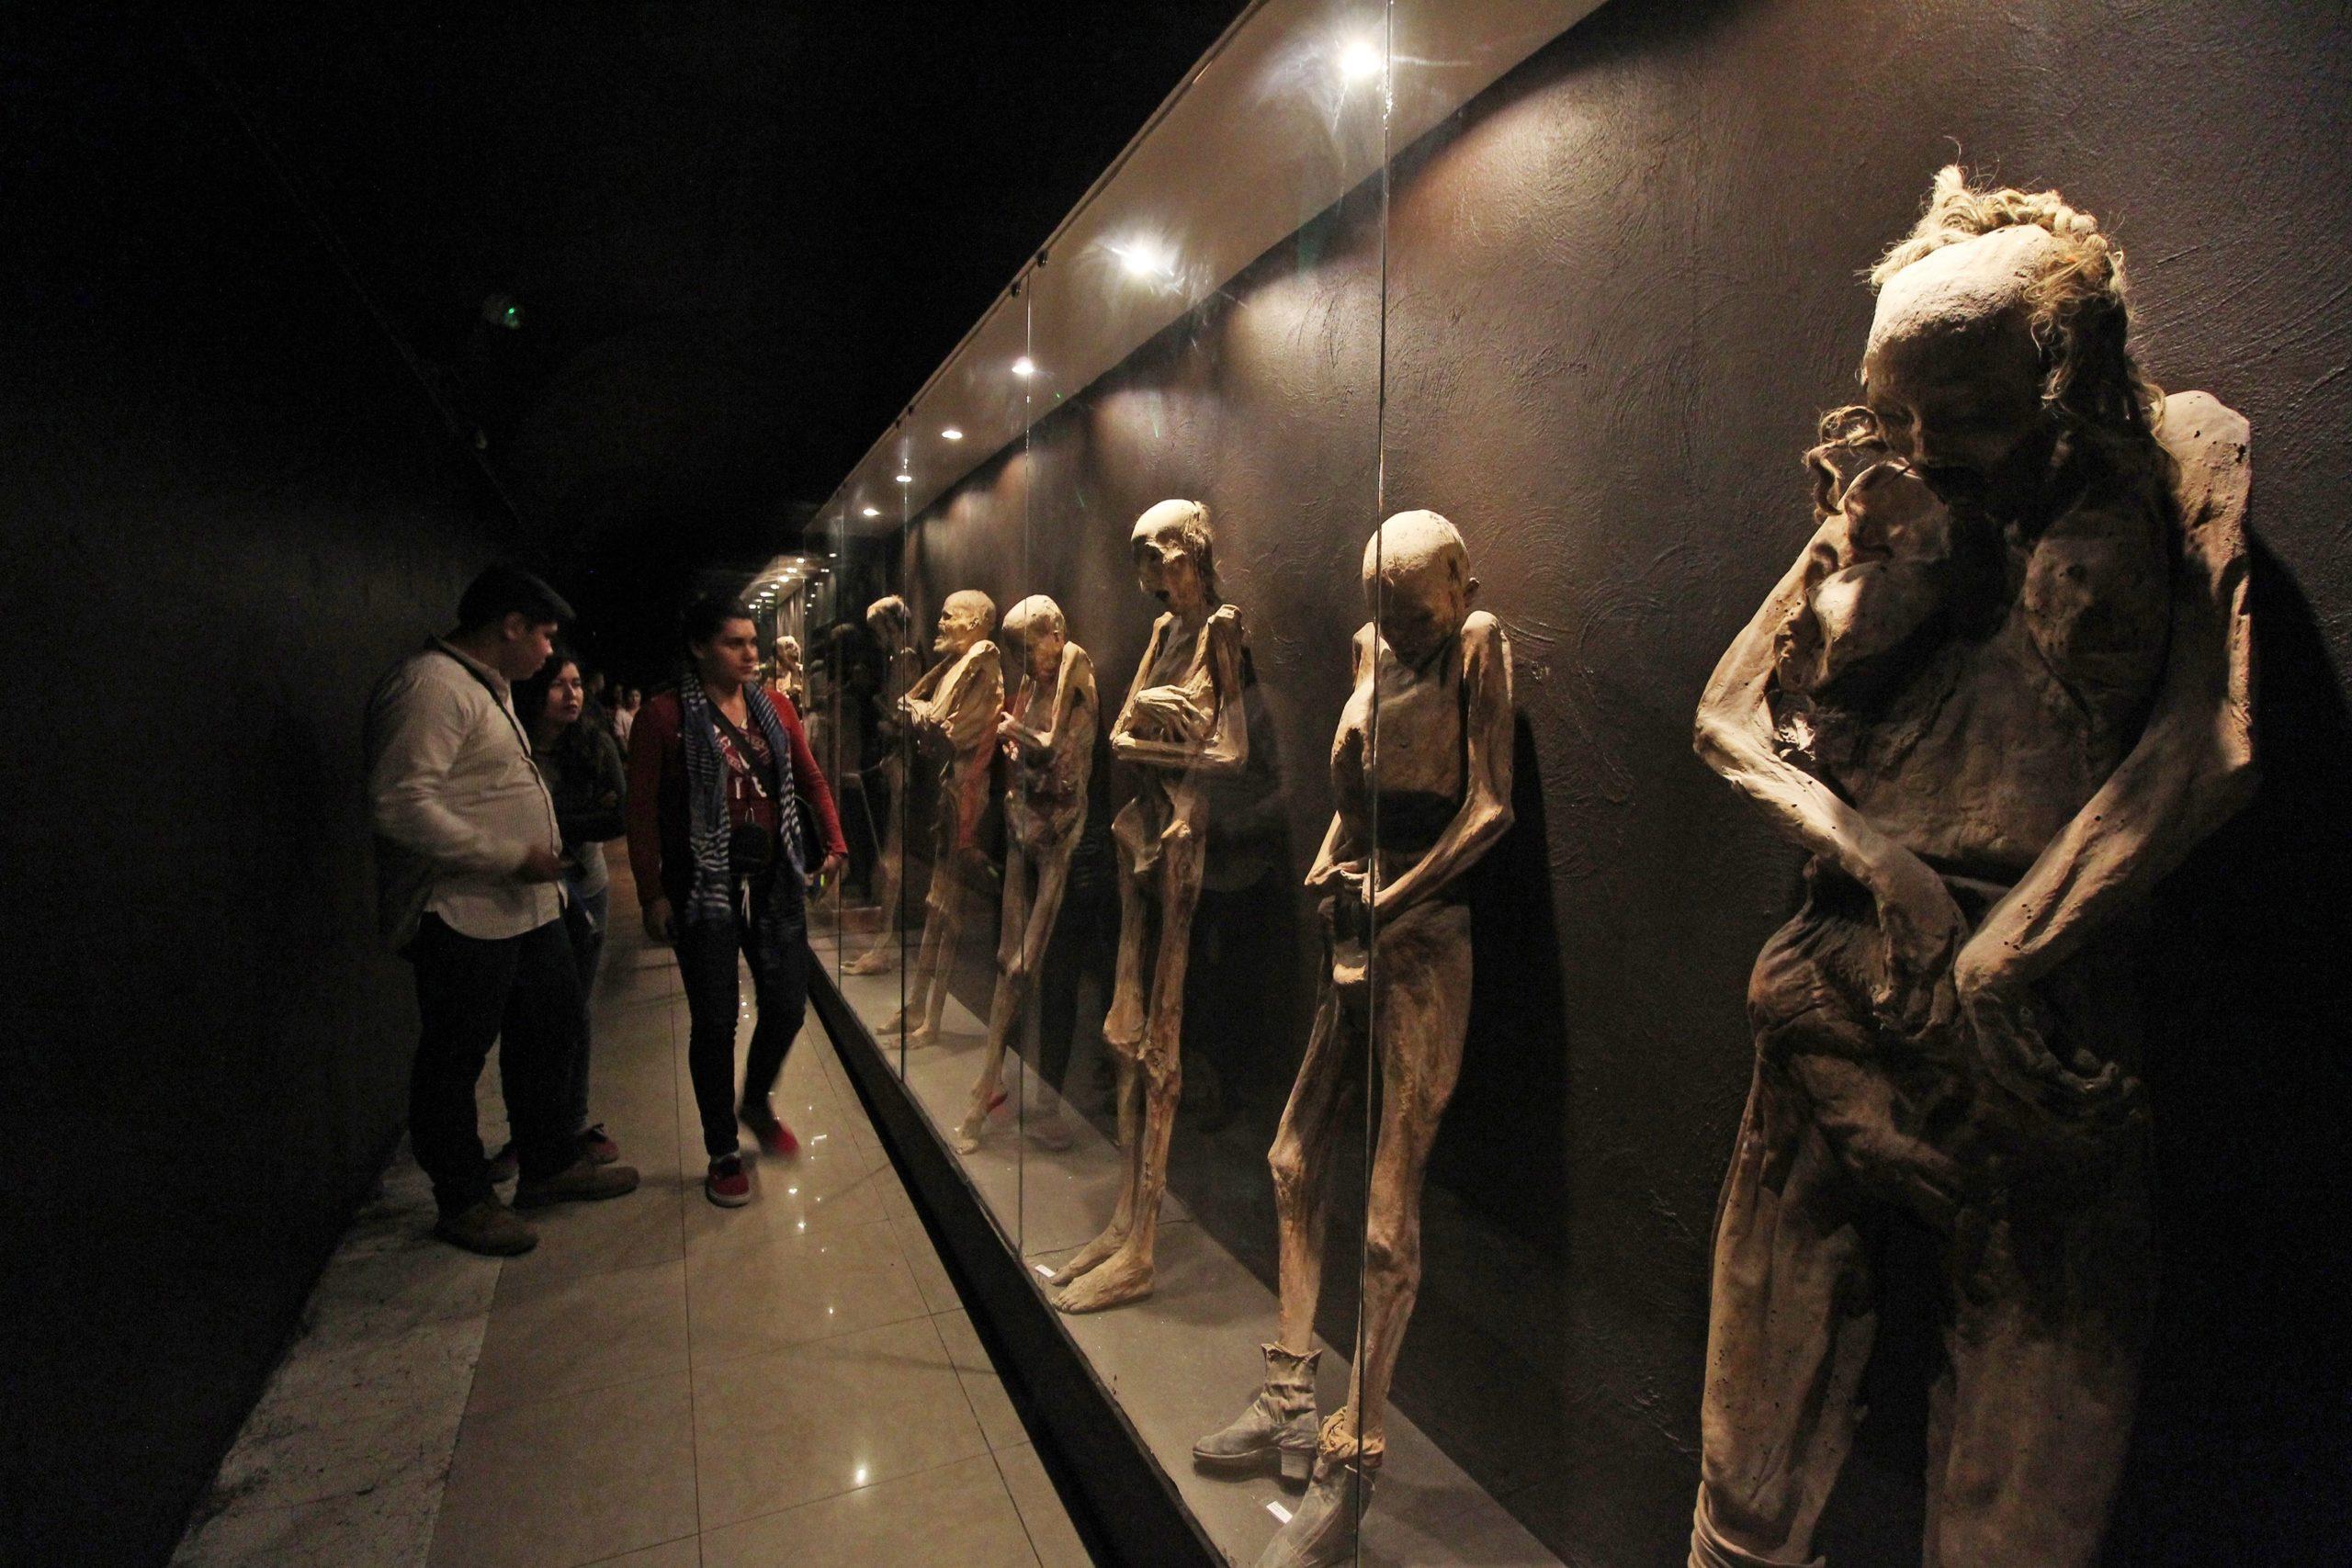 Visitantes observan las momias en el Museo de las Momias de Guanajuato (México) EFE/Mario Armas